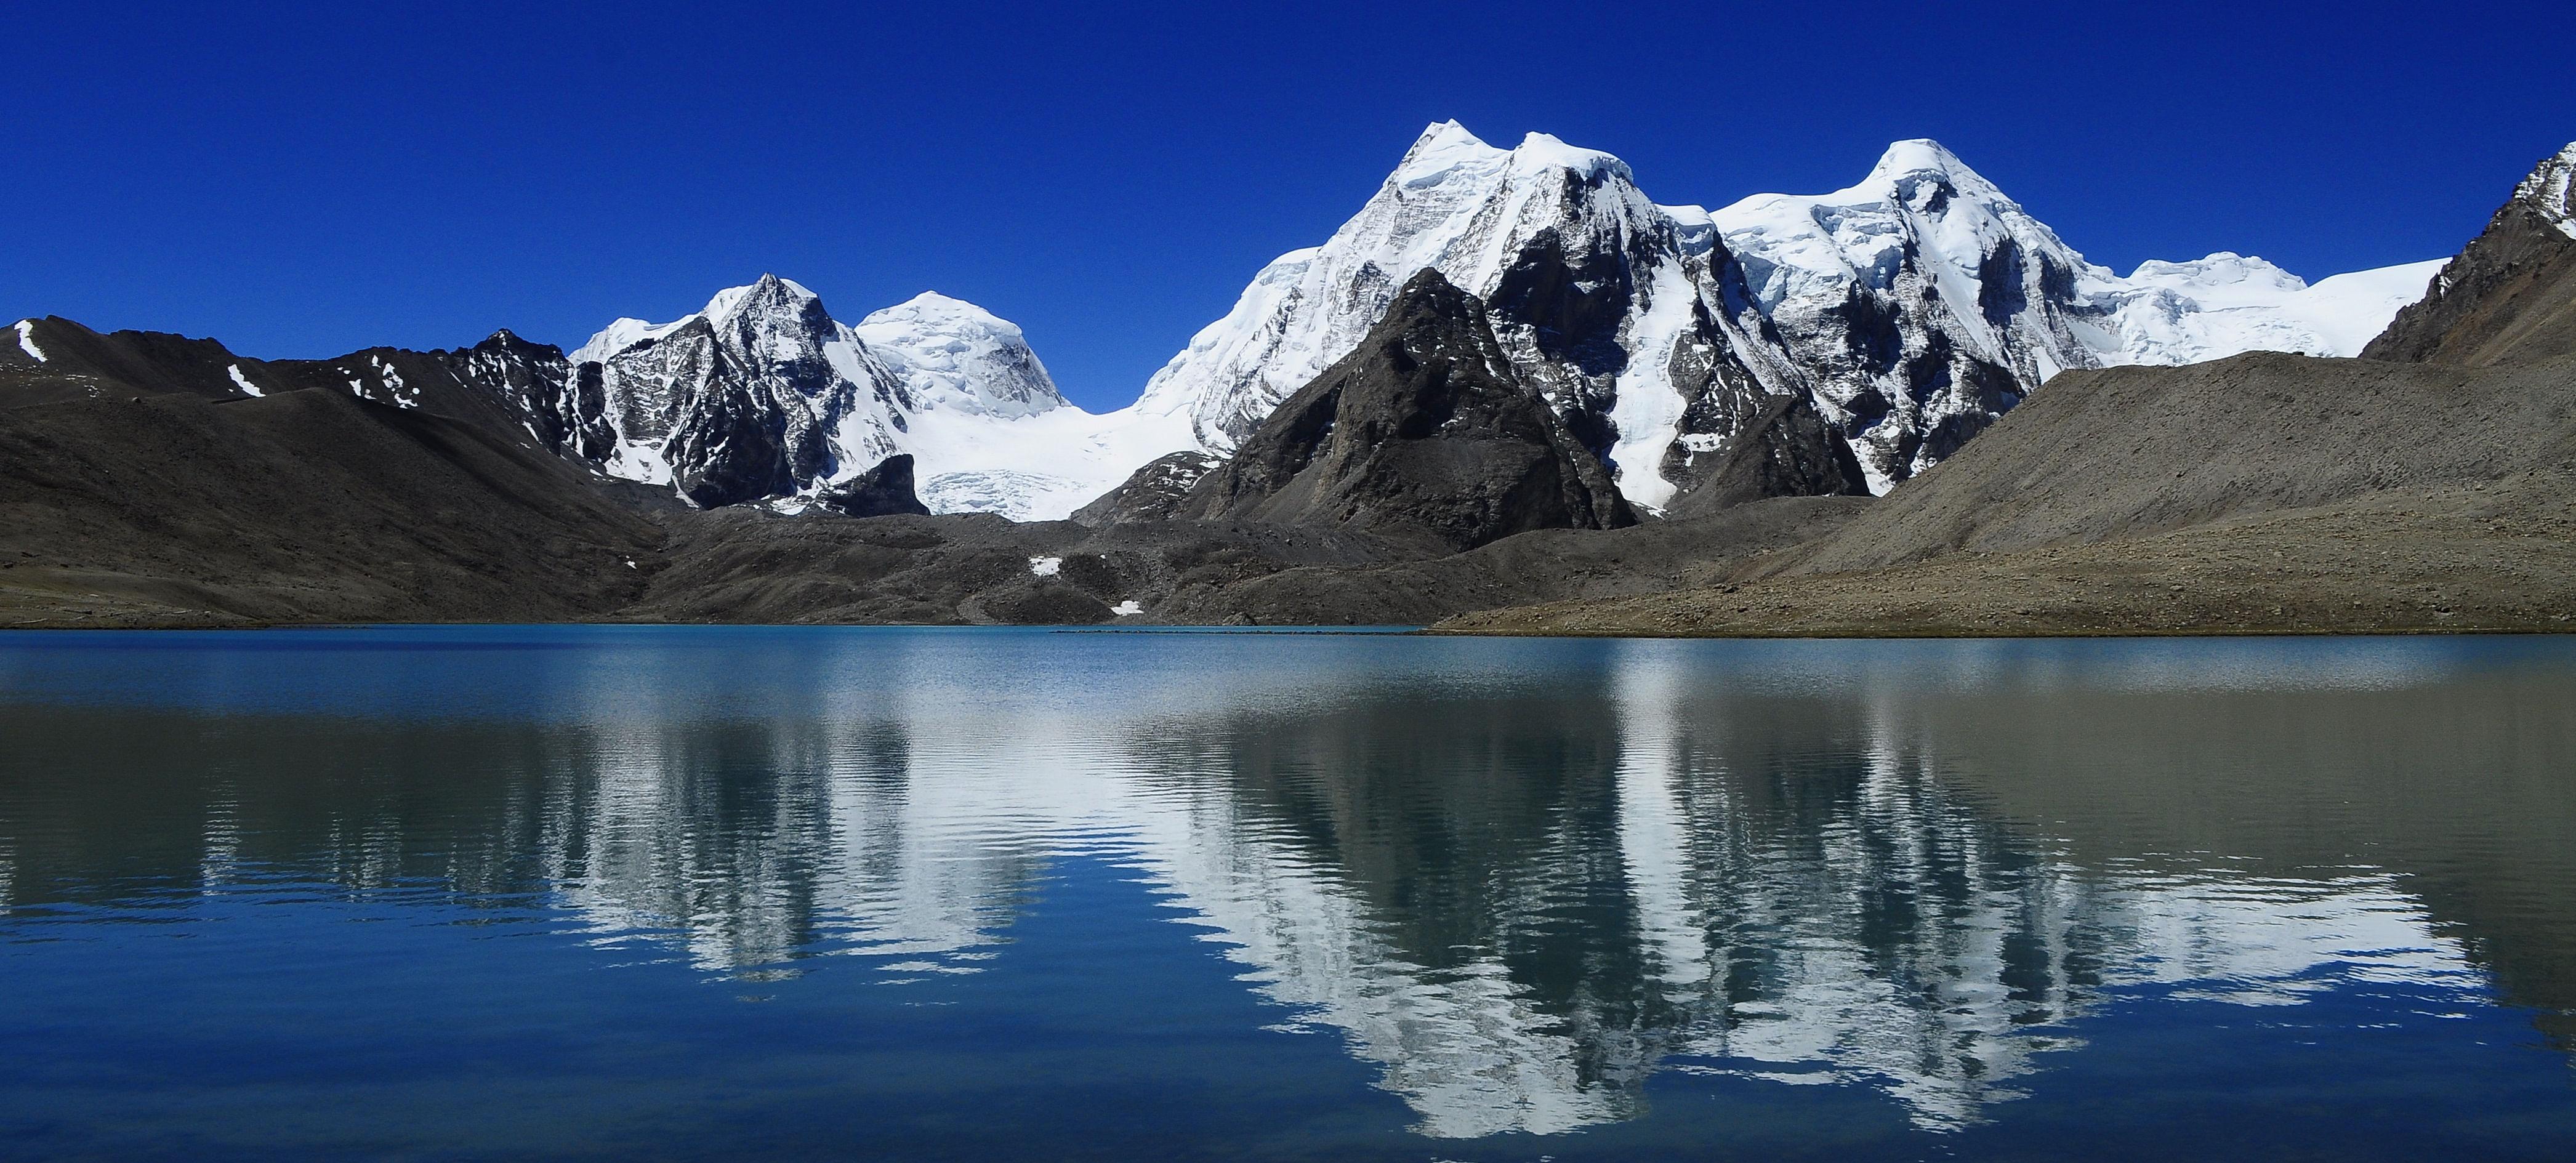 Lake_Gurudongmar,_in_summer_months,_Sikkim_India_2010